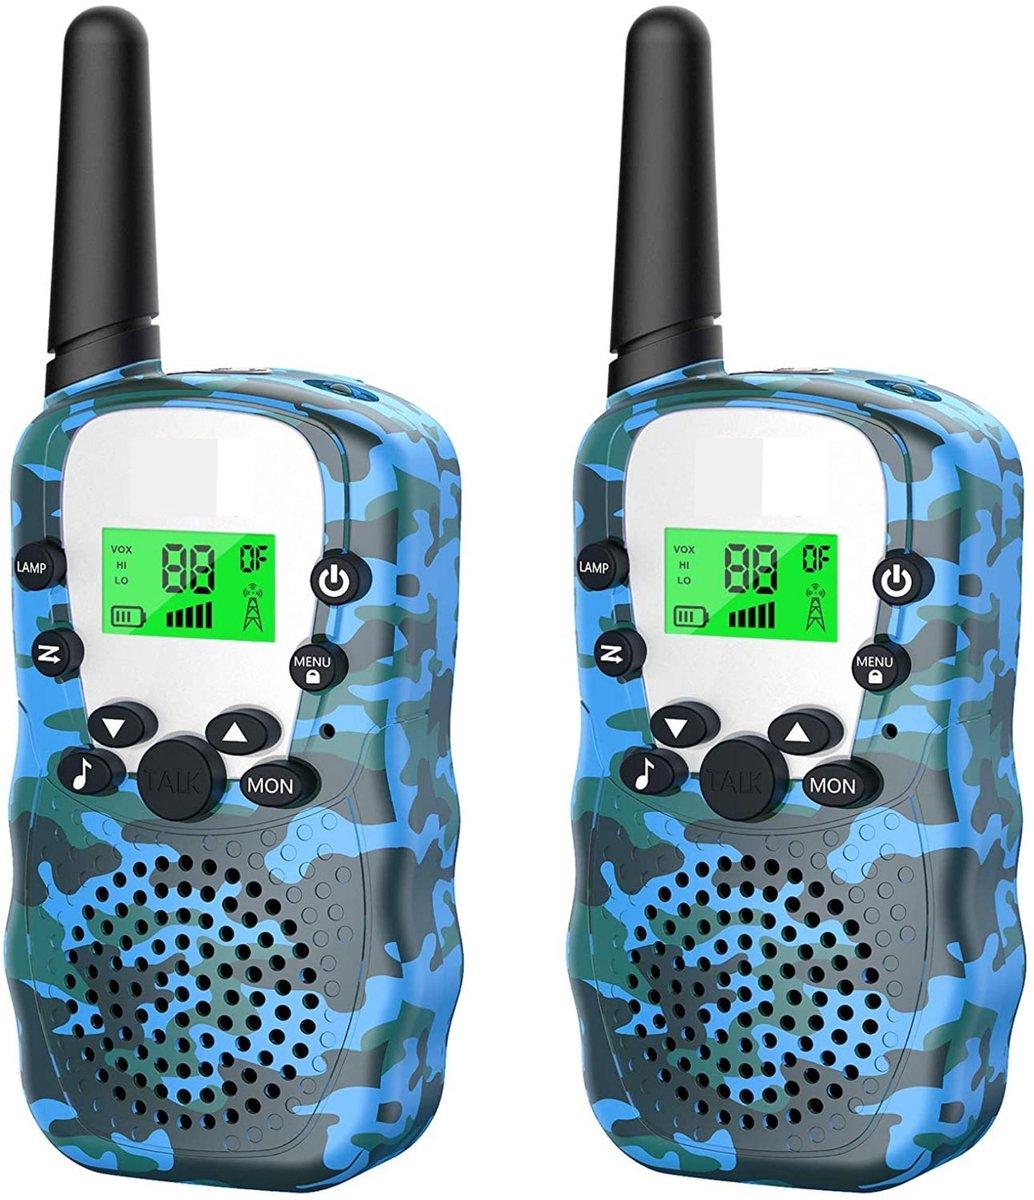 Walkie Talkie Voor Kinderen en Volwassenen - 3KM Bereik - Licht Functie - Portofoon - Indoor / Outdoor - Inclusief Batterijen - Blauw Camo